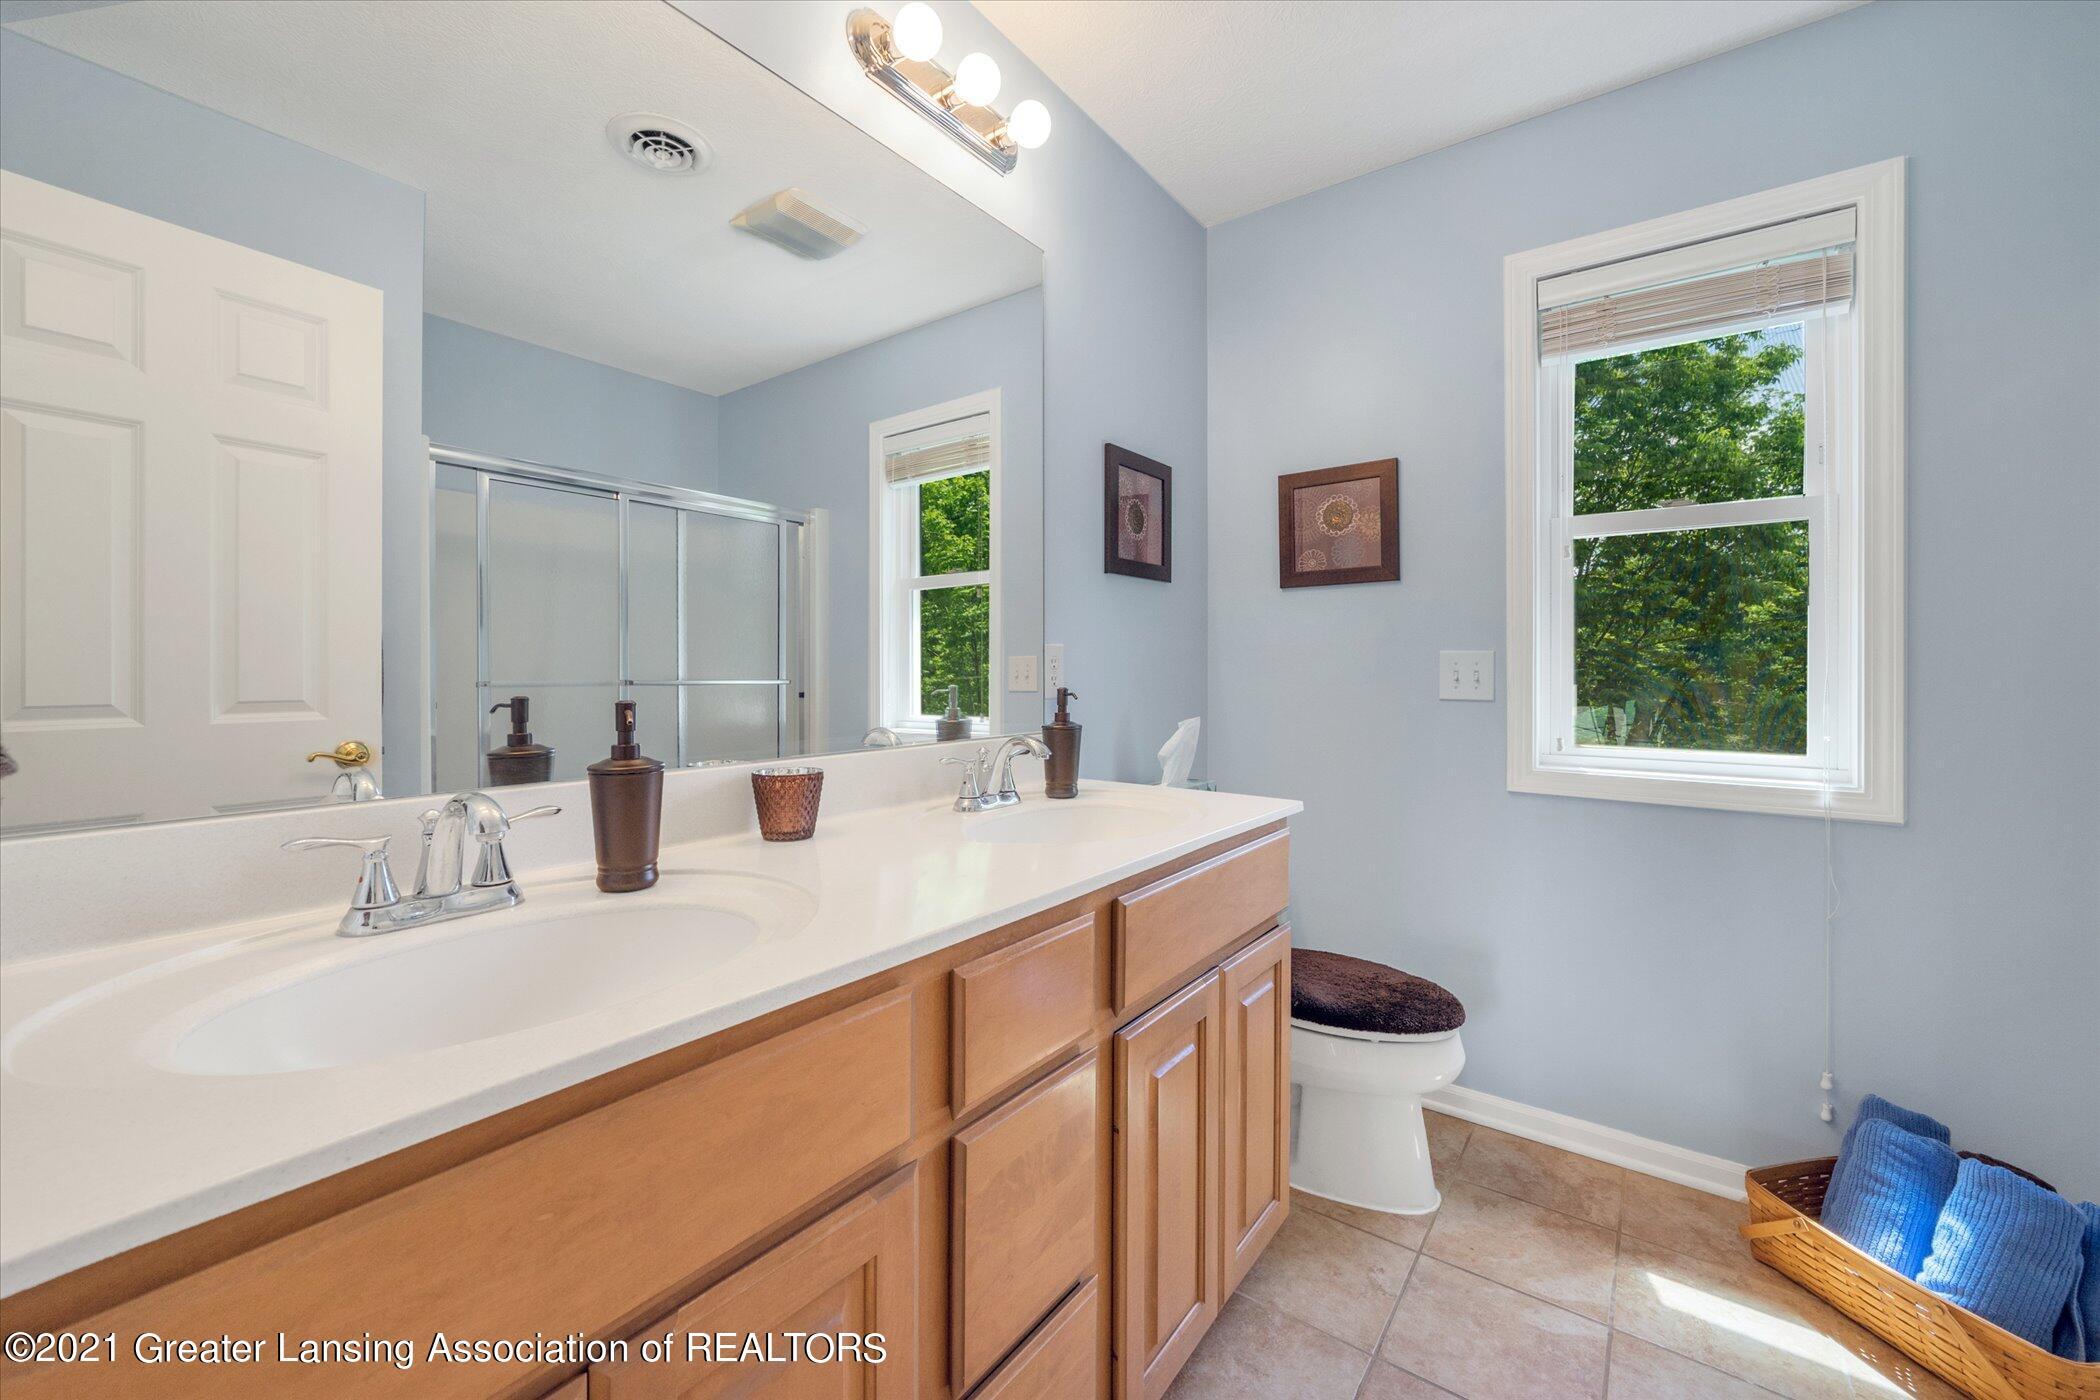 6542 White Clover Dr - UPPER LEVEL Full Bathroom - 27